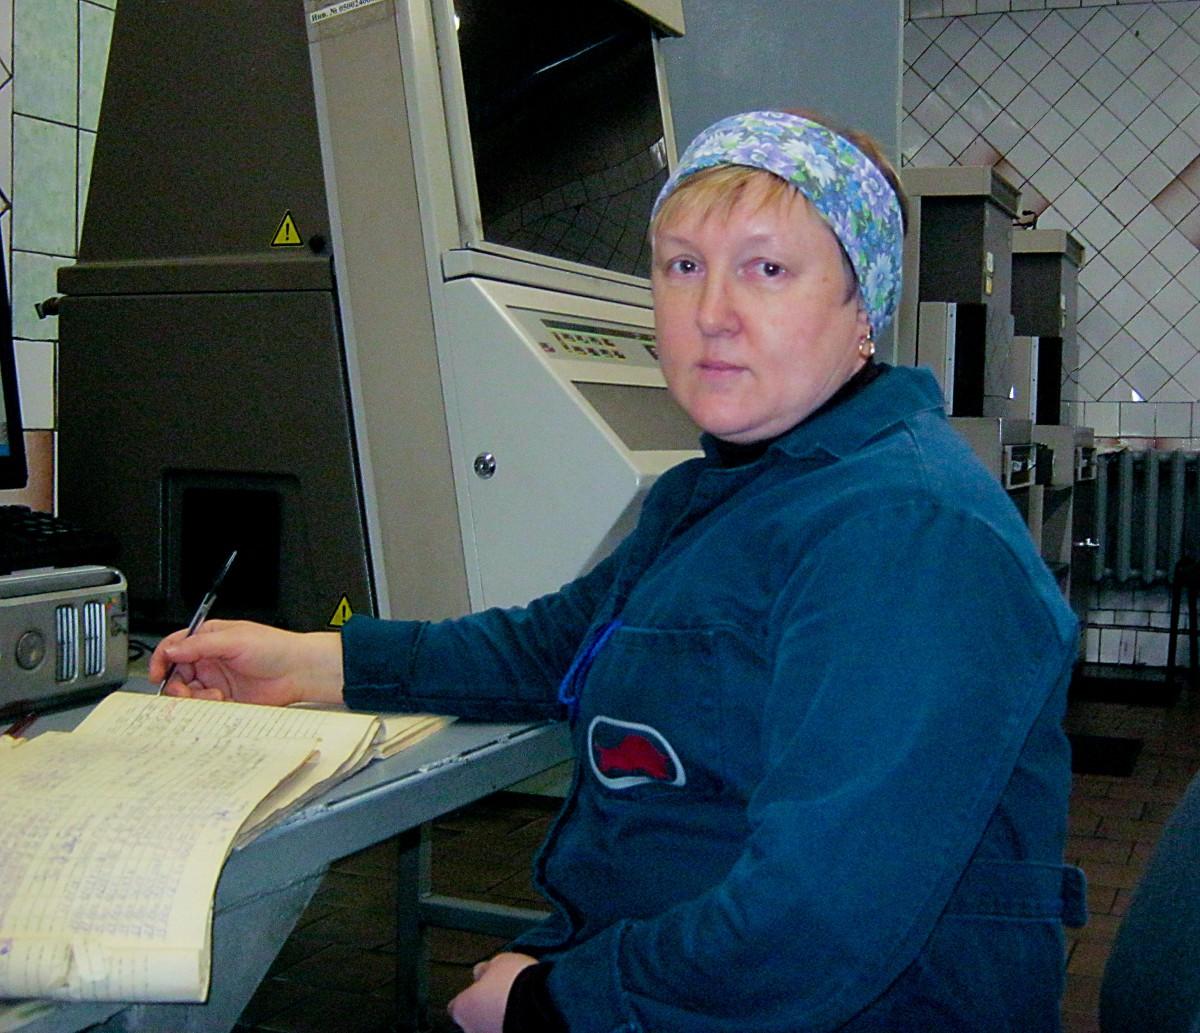 В такие же февральские дни 1989 года начала работать контрольная лаборатория подготовительного цеха ЗСКГШ ОАО «Белшина», значит это структурное подразделение «Белшины» отмечает 30-летний юбилей.